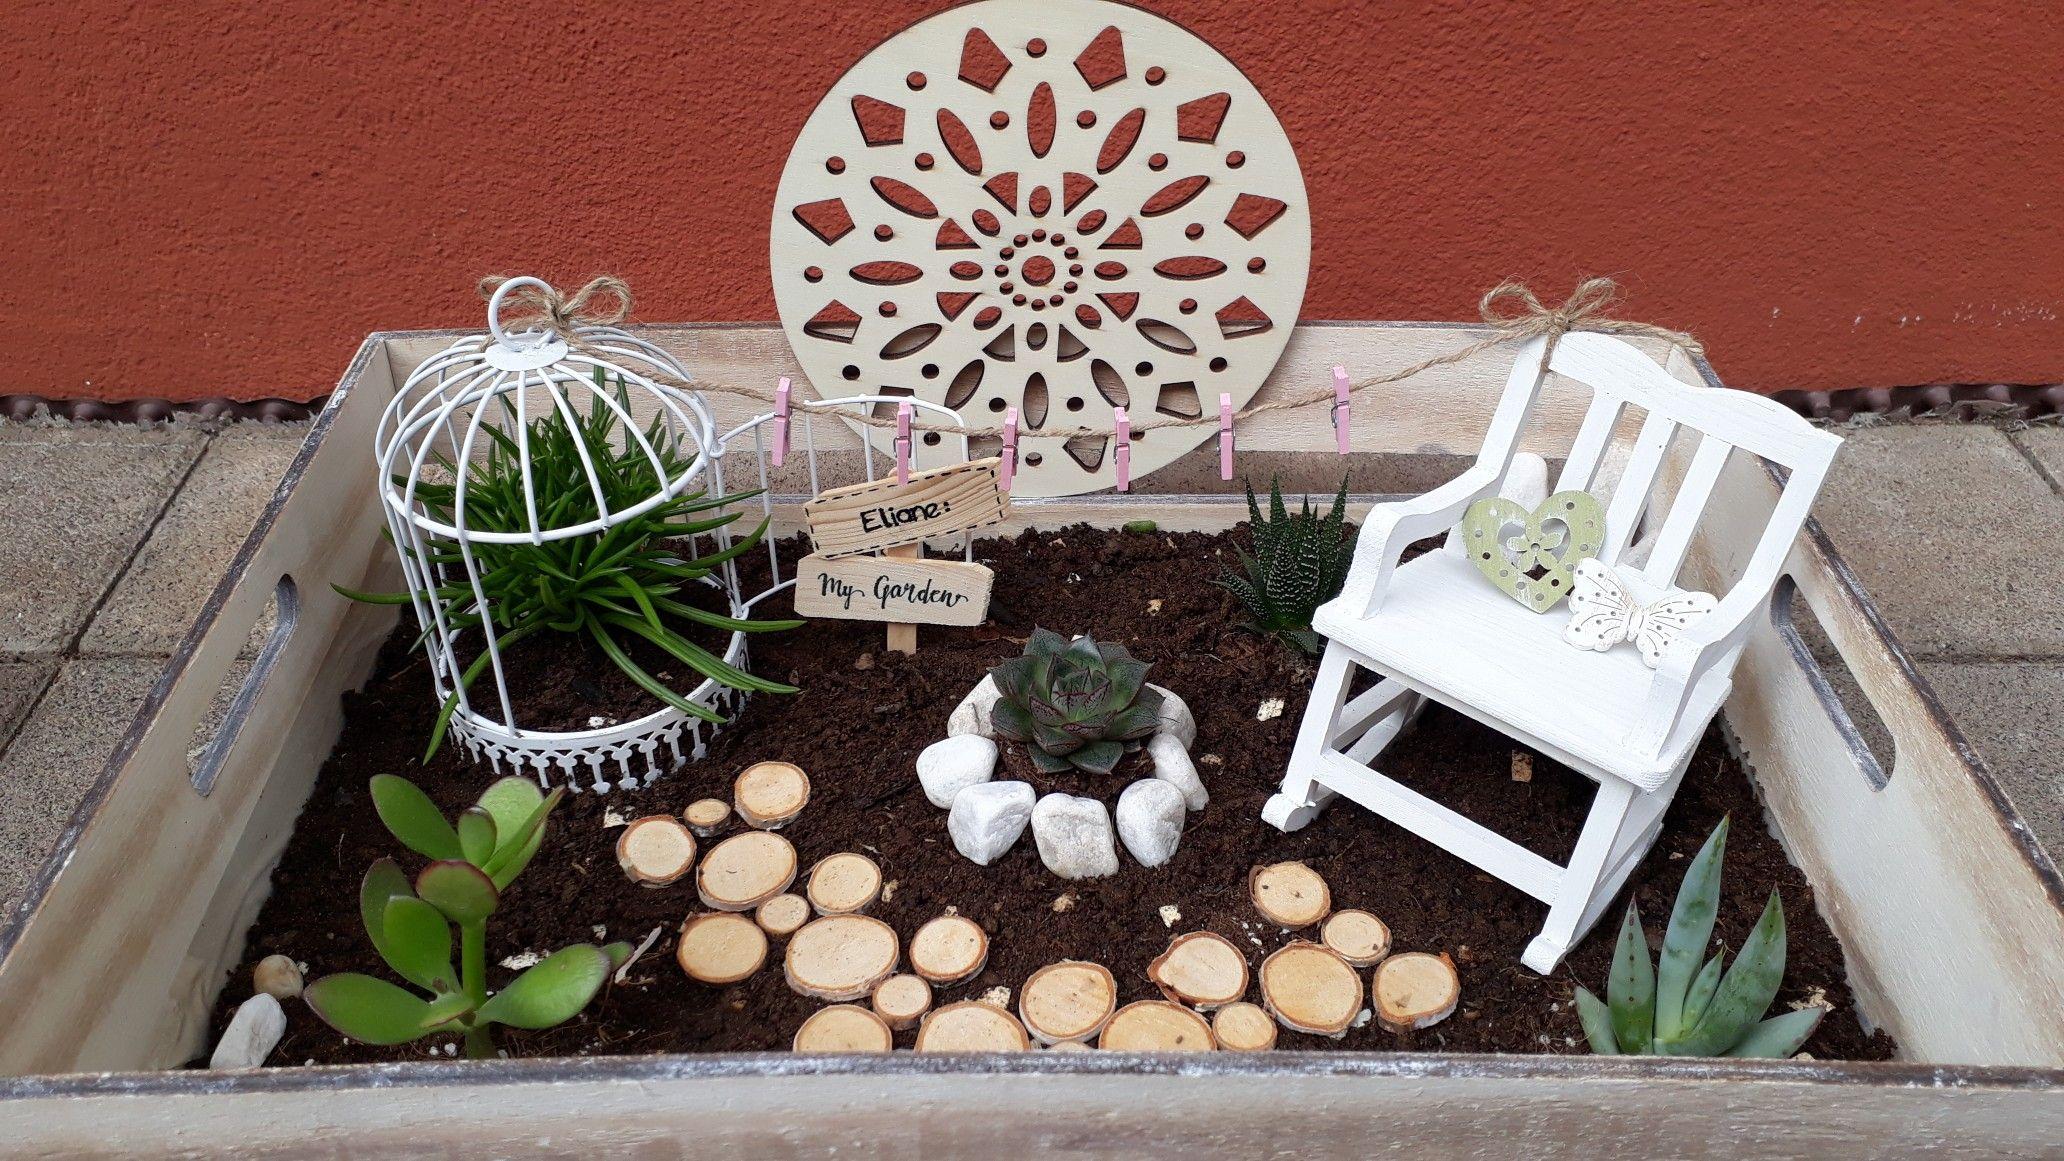 My Garden Geburtstag Geschenke Geschenke Zum Geburtstag Geschenke Karten Basteln